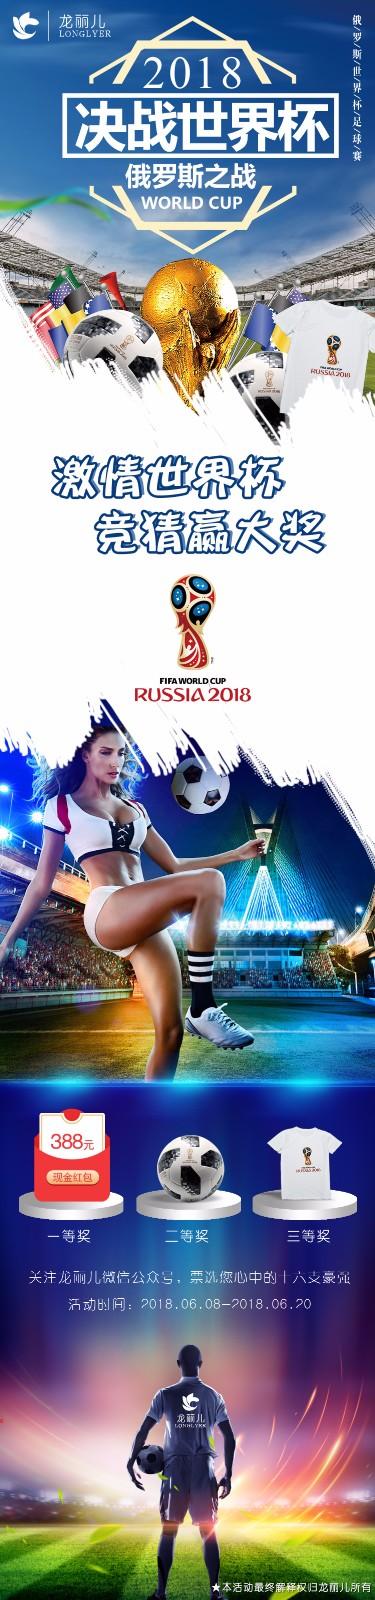 微信世界杯.jpg